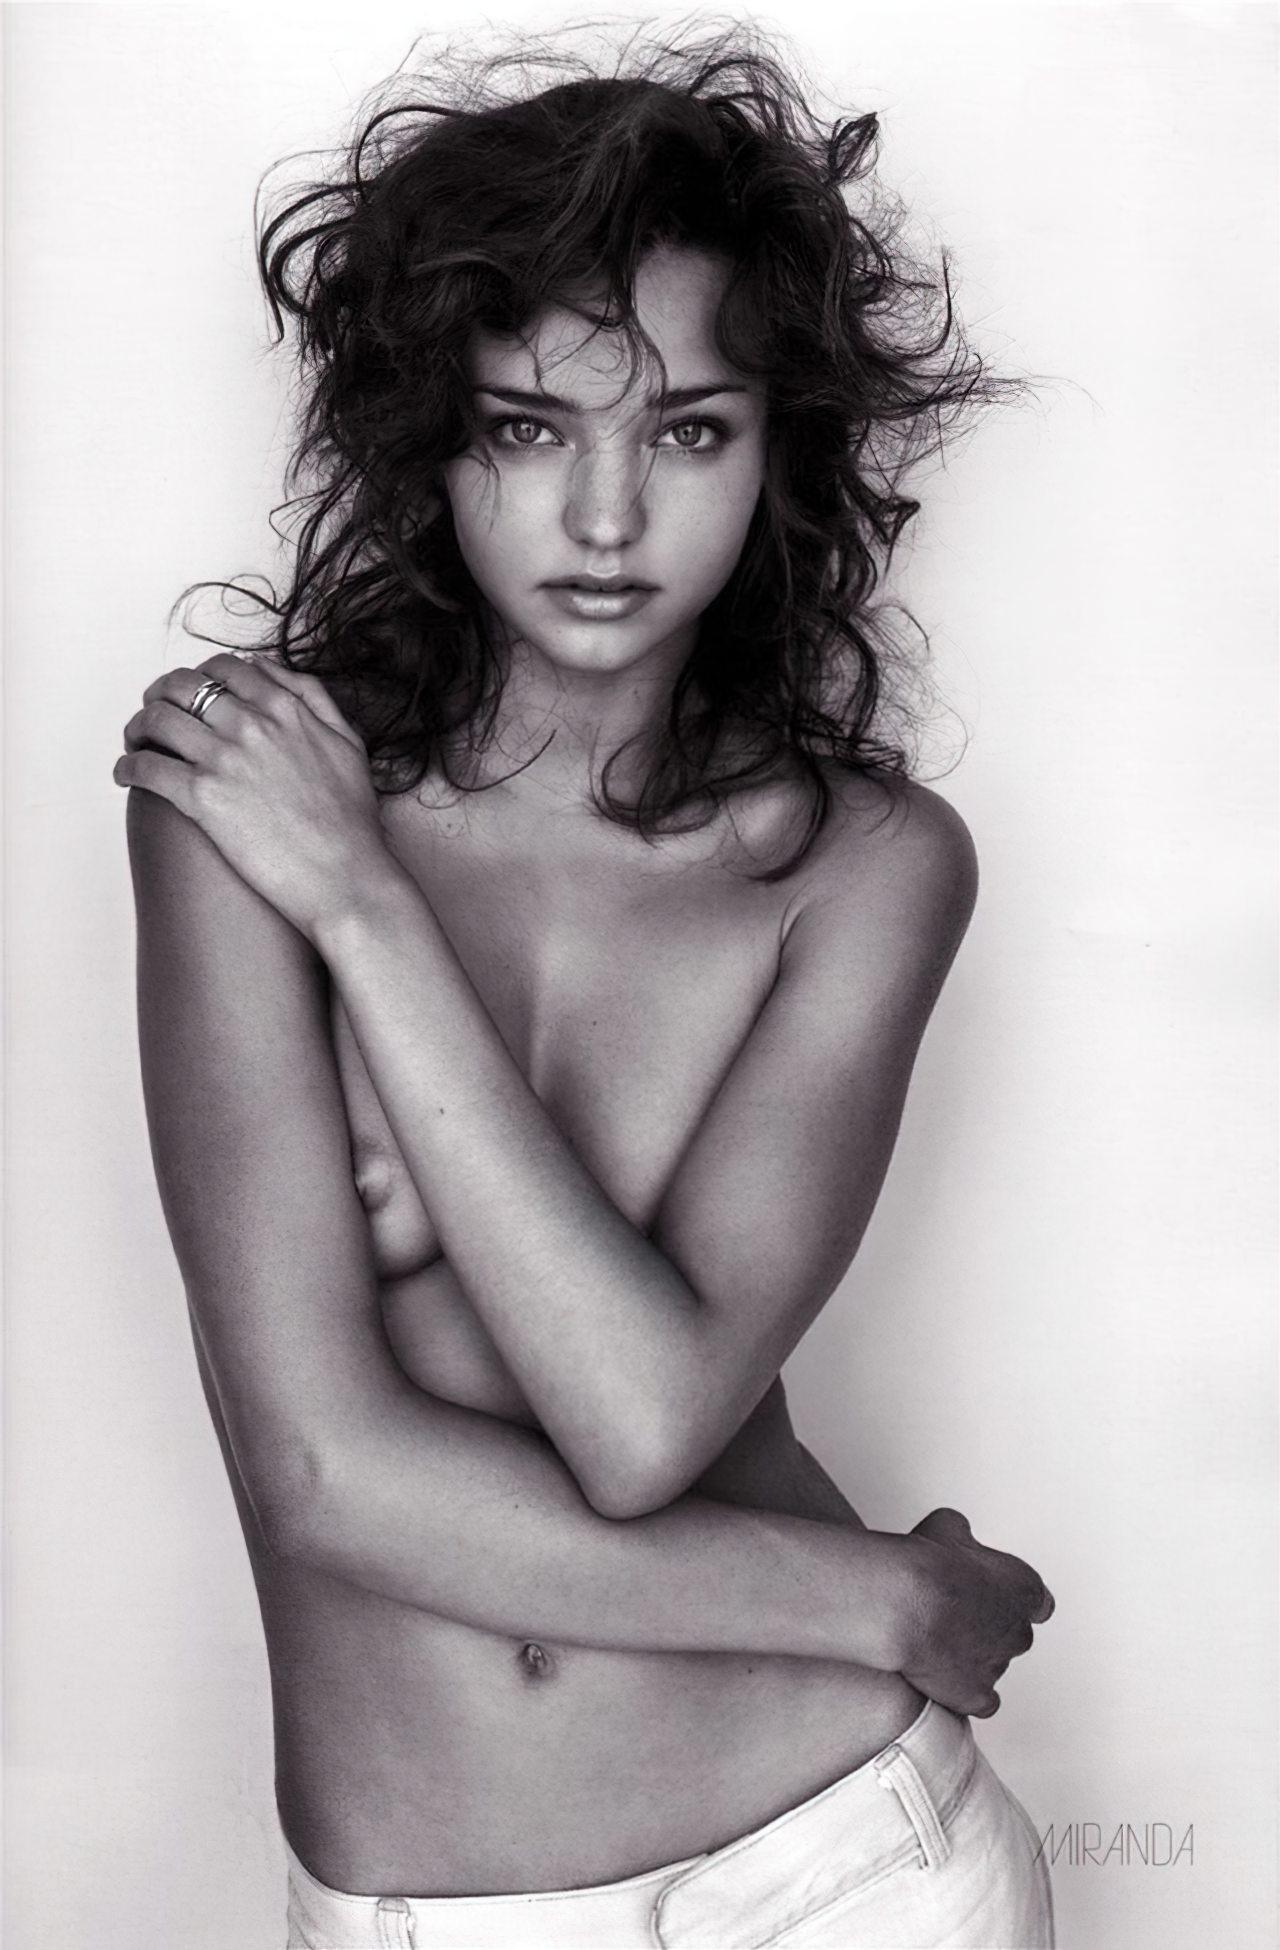 Miranda Kerr (35)